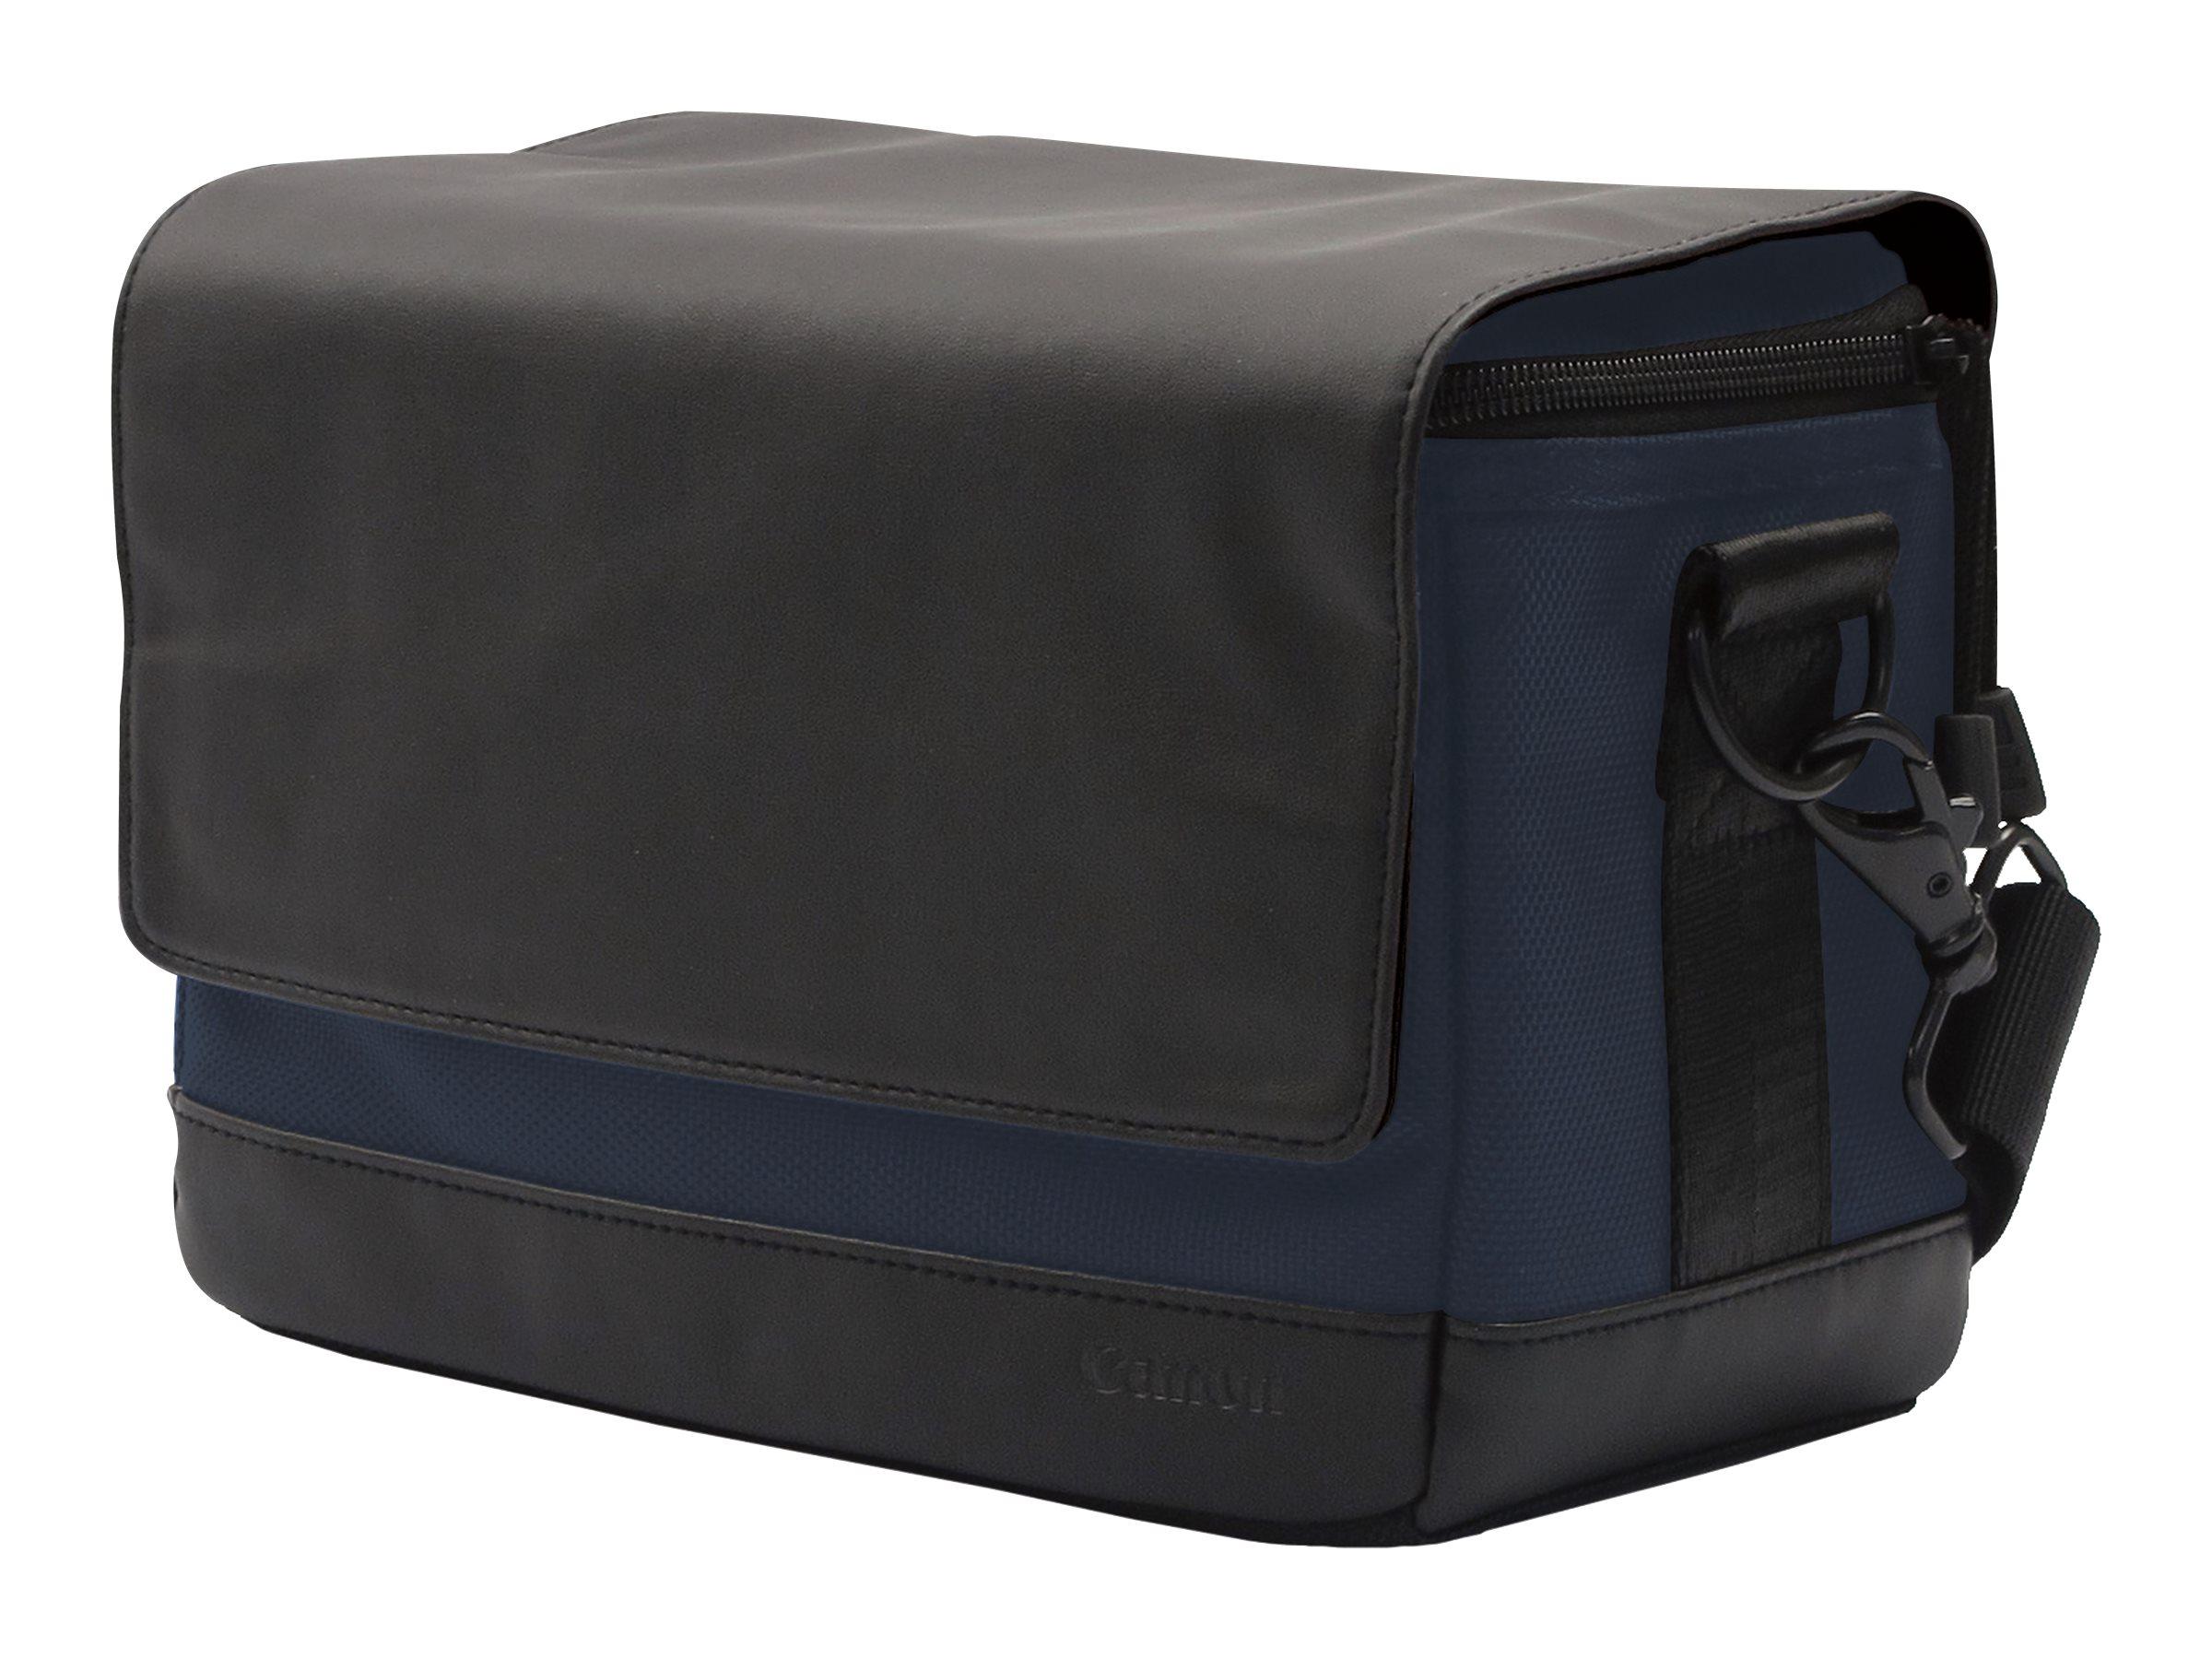 Canon SB100 - Tragetasche für Kamera und Objektive - für EOS 100D, 1300D, 2000D, 200D, 4000D, 700D, 750D, 760D, 800D, M100, M5,